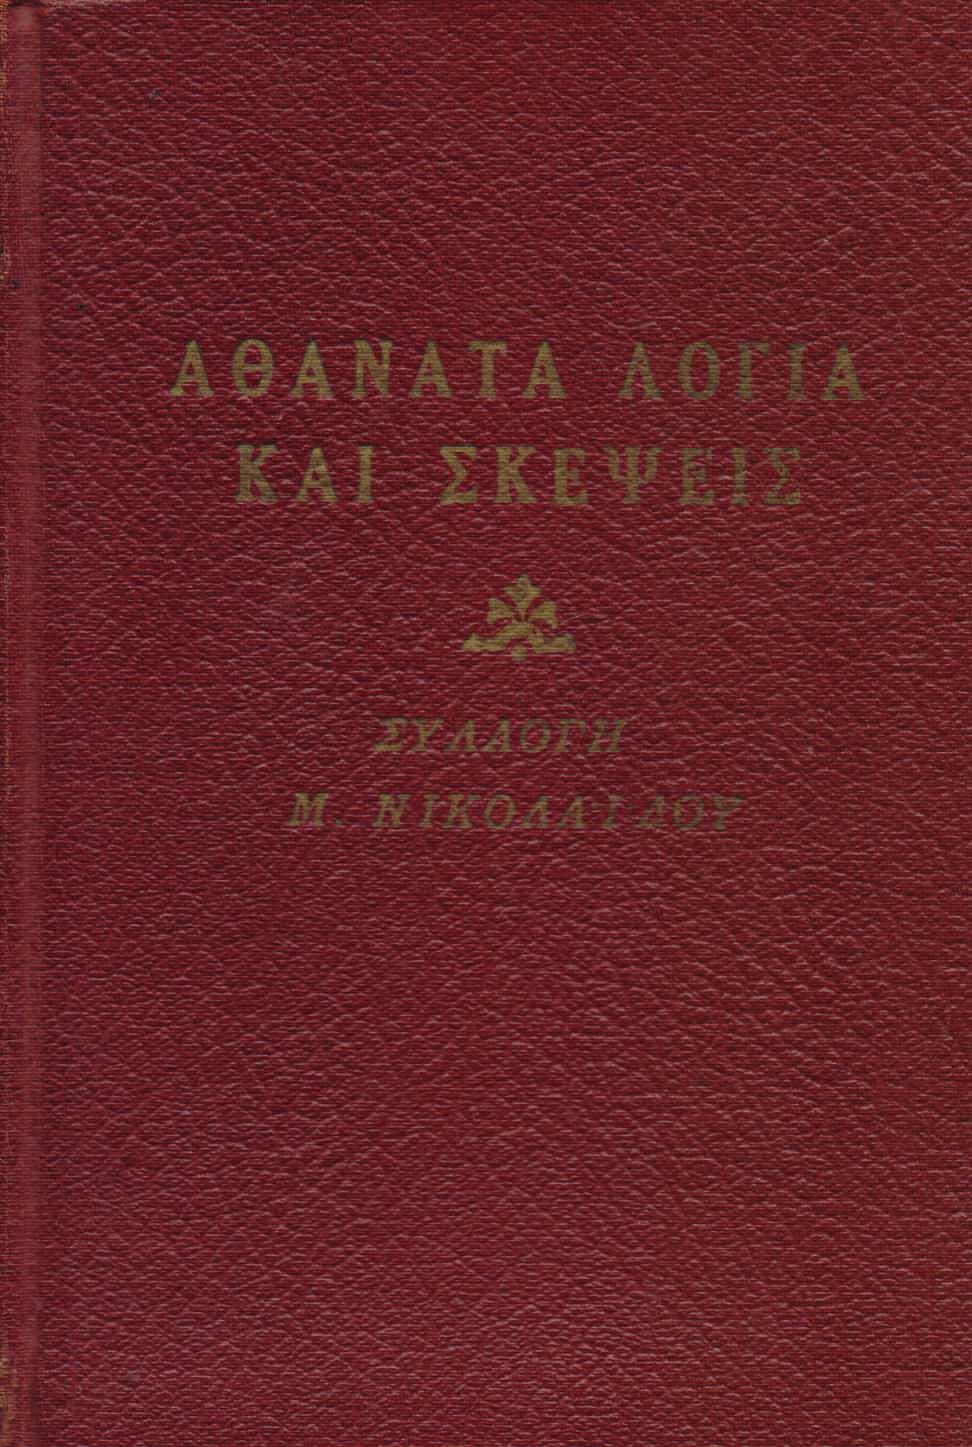 ATHANATA LOGIA KAI SKEPSEIS